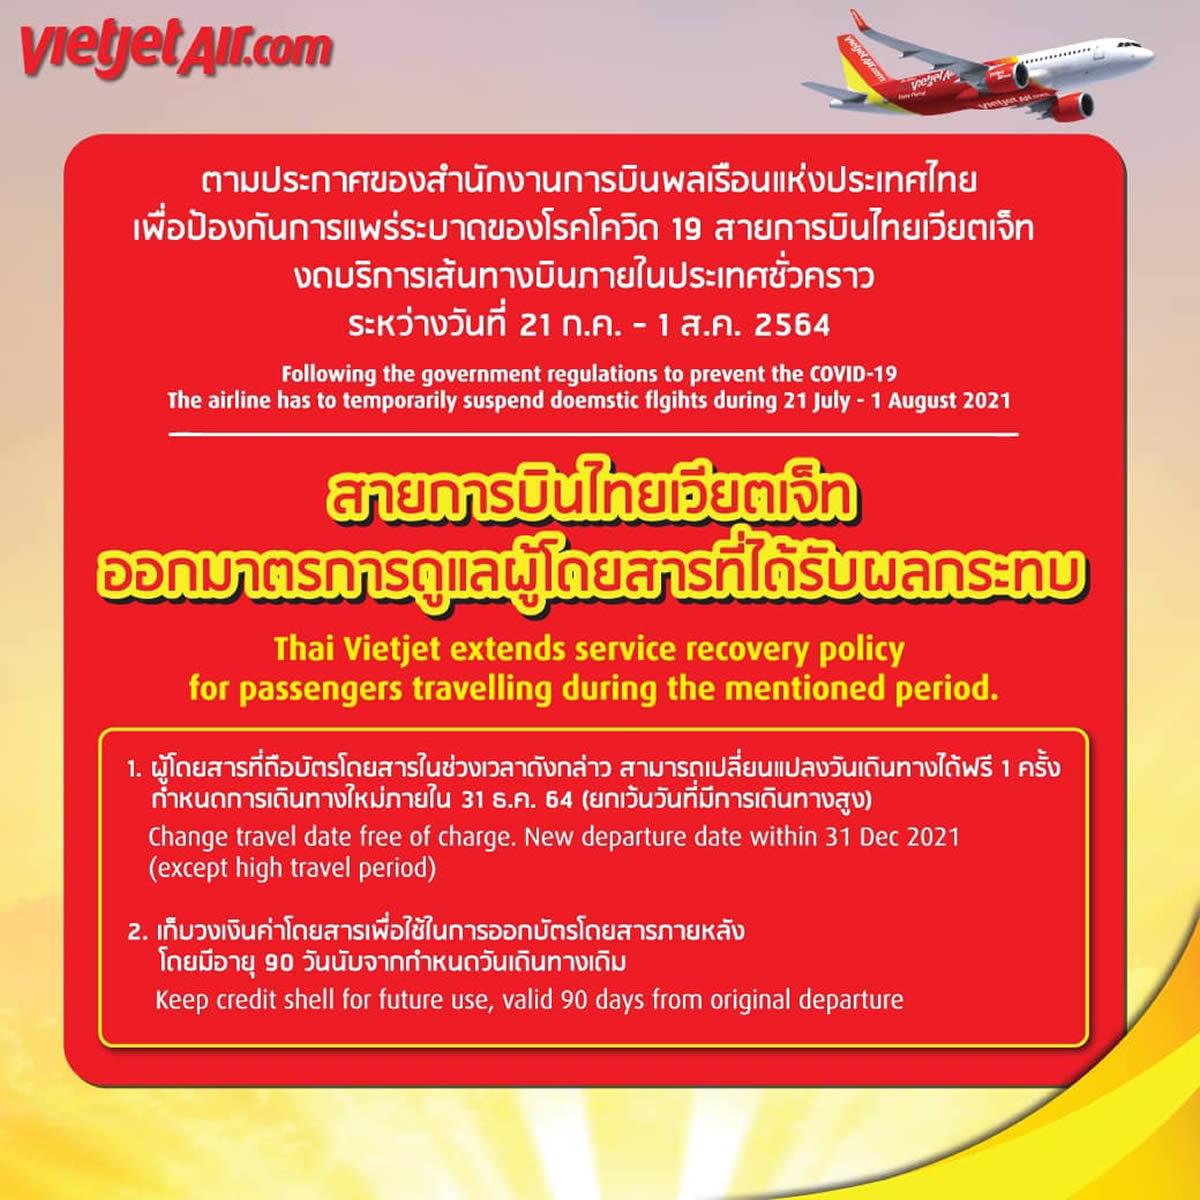 タイ・ベトジェット、2021年7月21日から国内線の全路線を運航休止